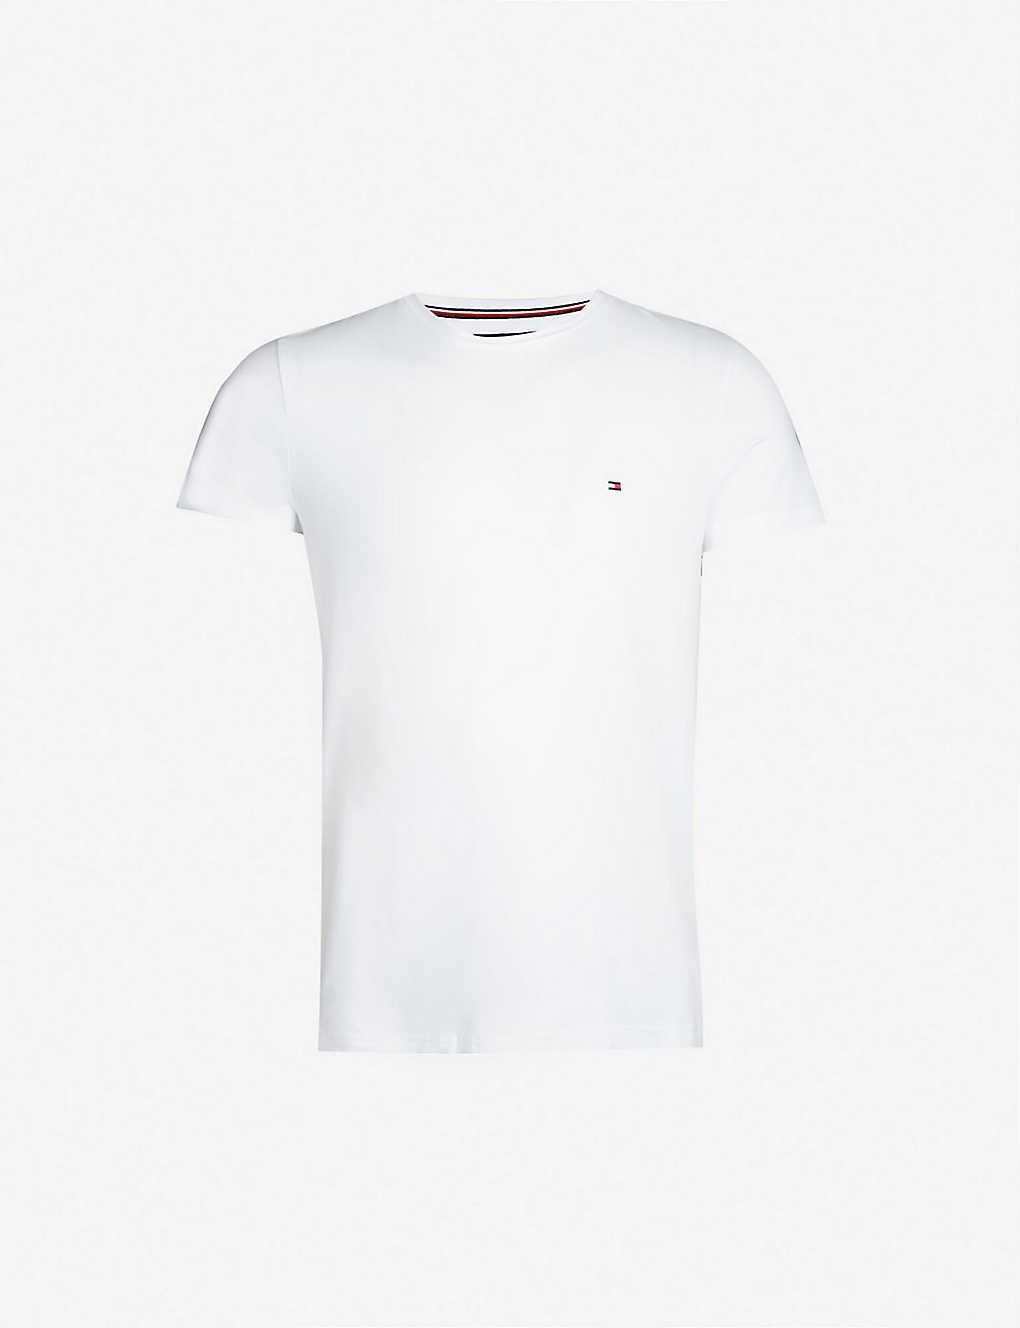 7d493a7c TOMMY HILFIGER - Core Stretch stretch-cotton T-shirt | Selfridges.com